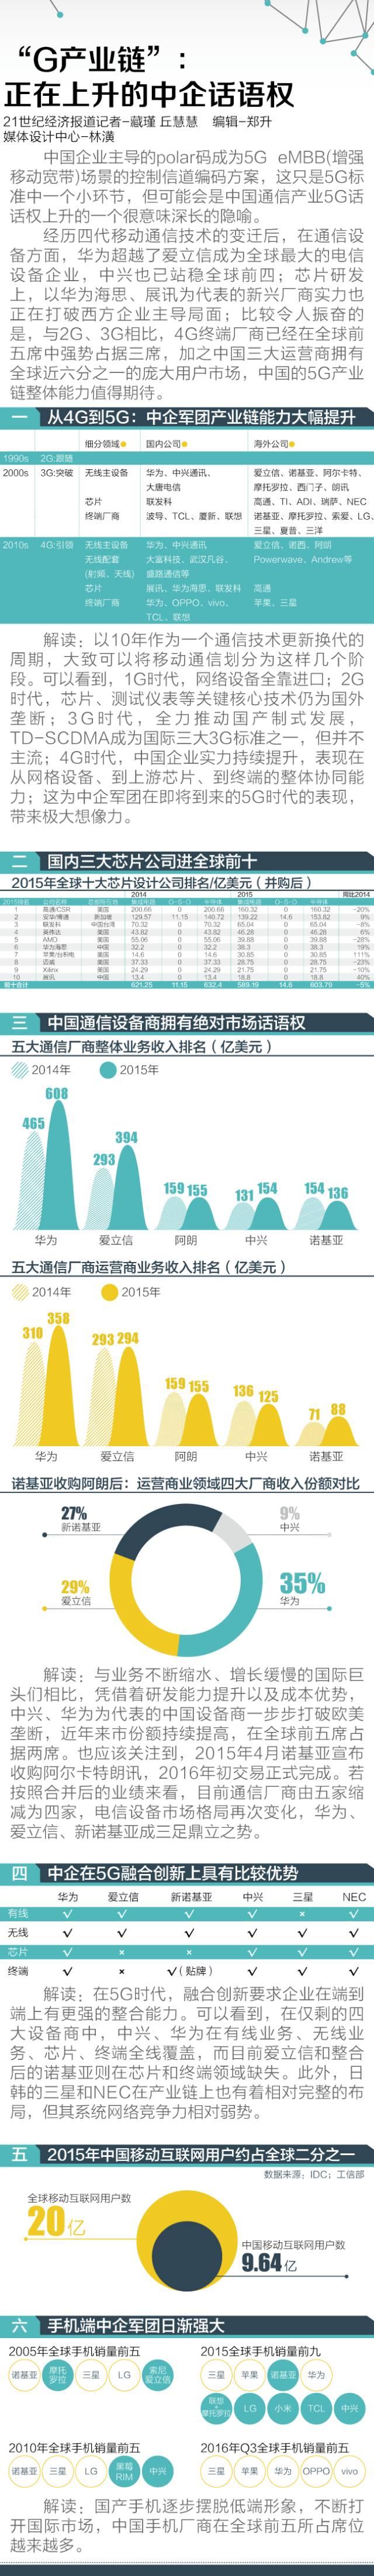 """017年,中国最值得投资的十大行业!"""""""